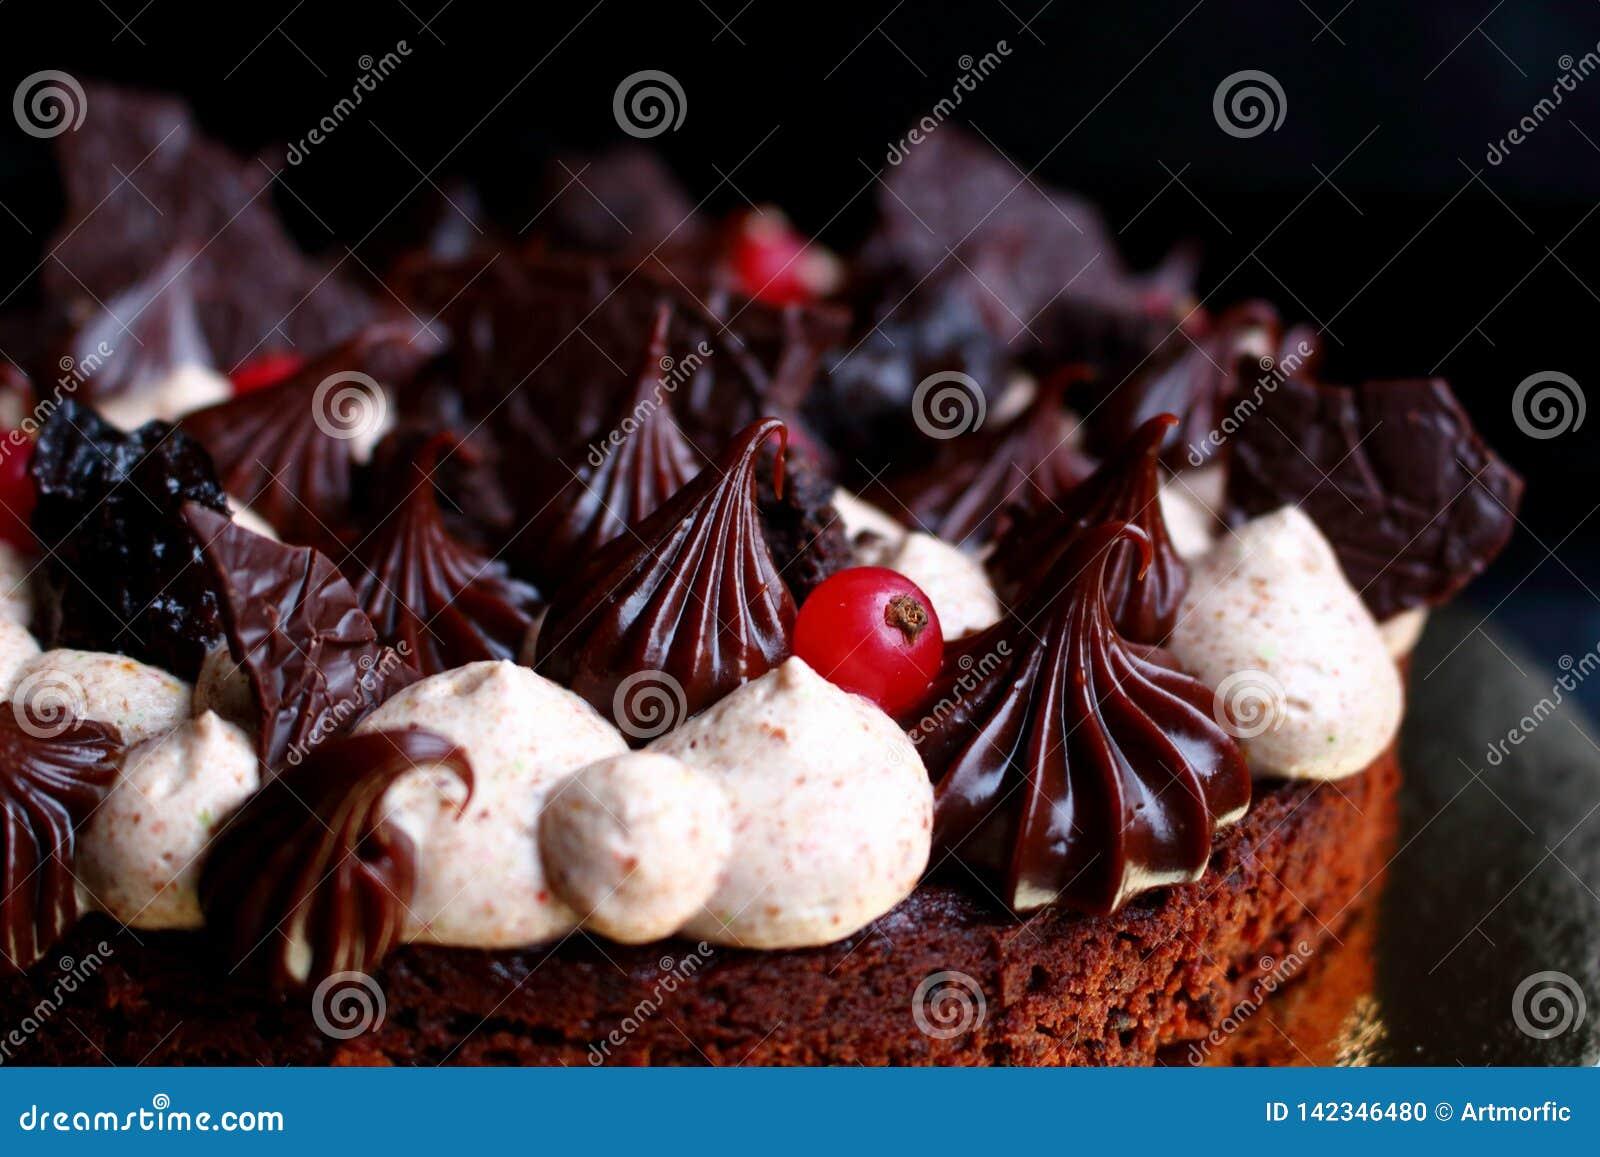 Ciemny czekoladowy tort z śmietanką, ganache i jagodami uderzącymi,